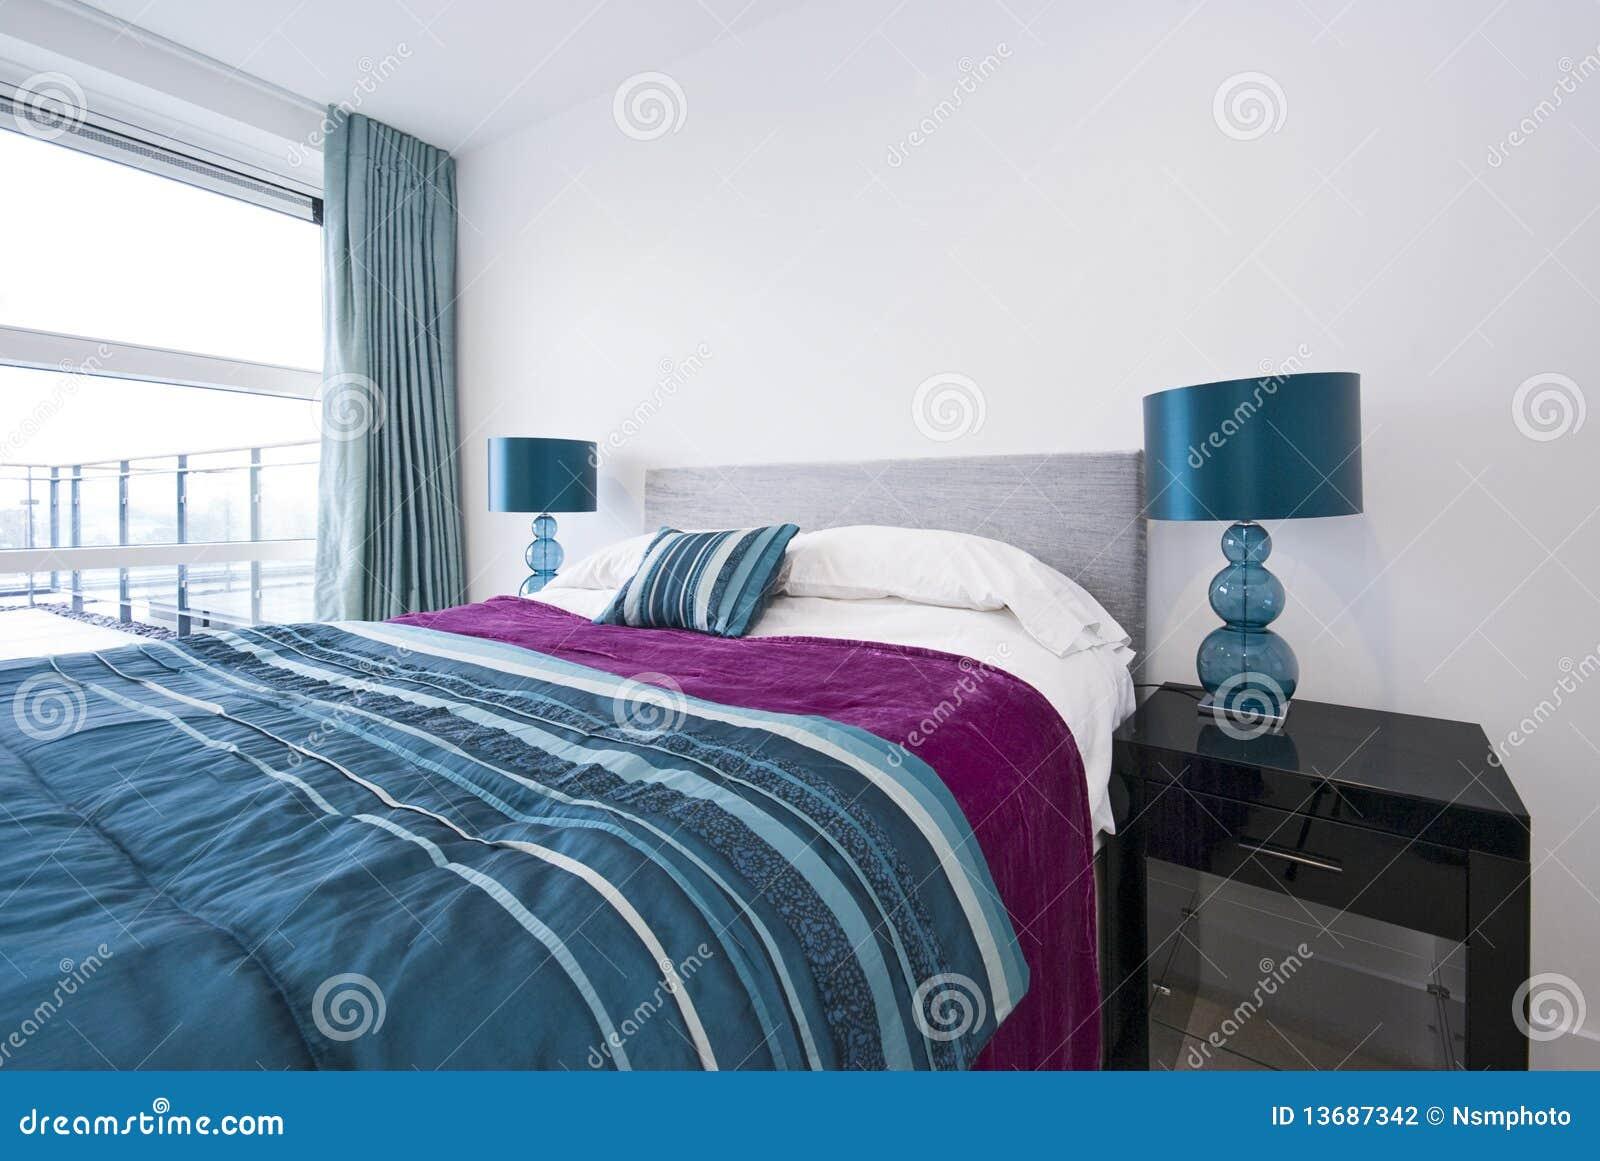 Particolare di grande doppia camera da letto moderna fotografia stock immagine 13687342 - Camera da letto grande ...